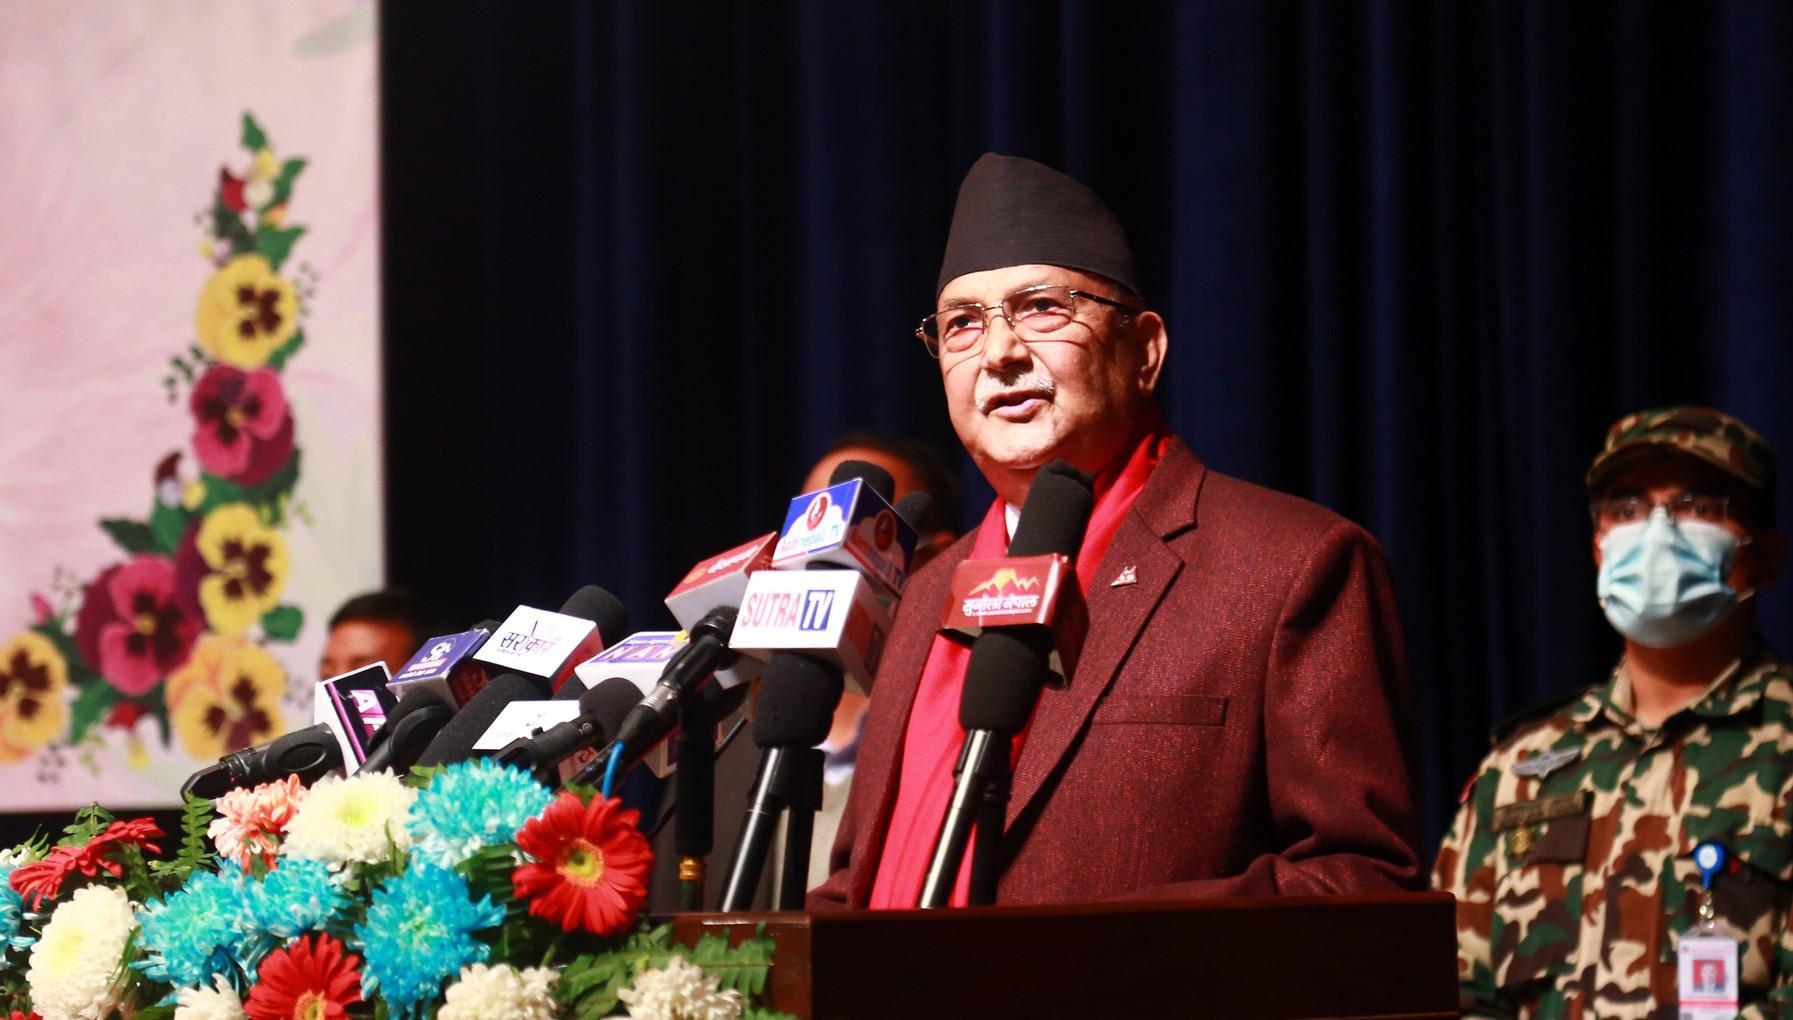 ताप्लेजुङका आगलागी पीडितलाई सरकारले राहत दिन्छ : प्रधानमन्त्री ओली